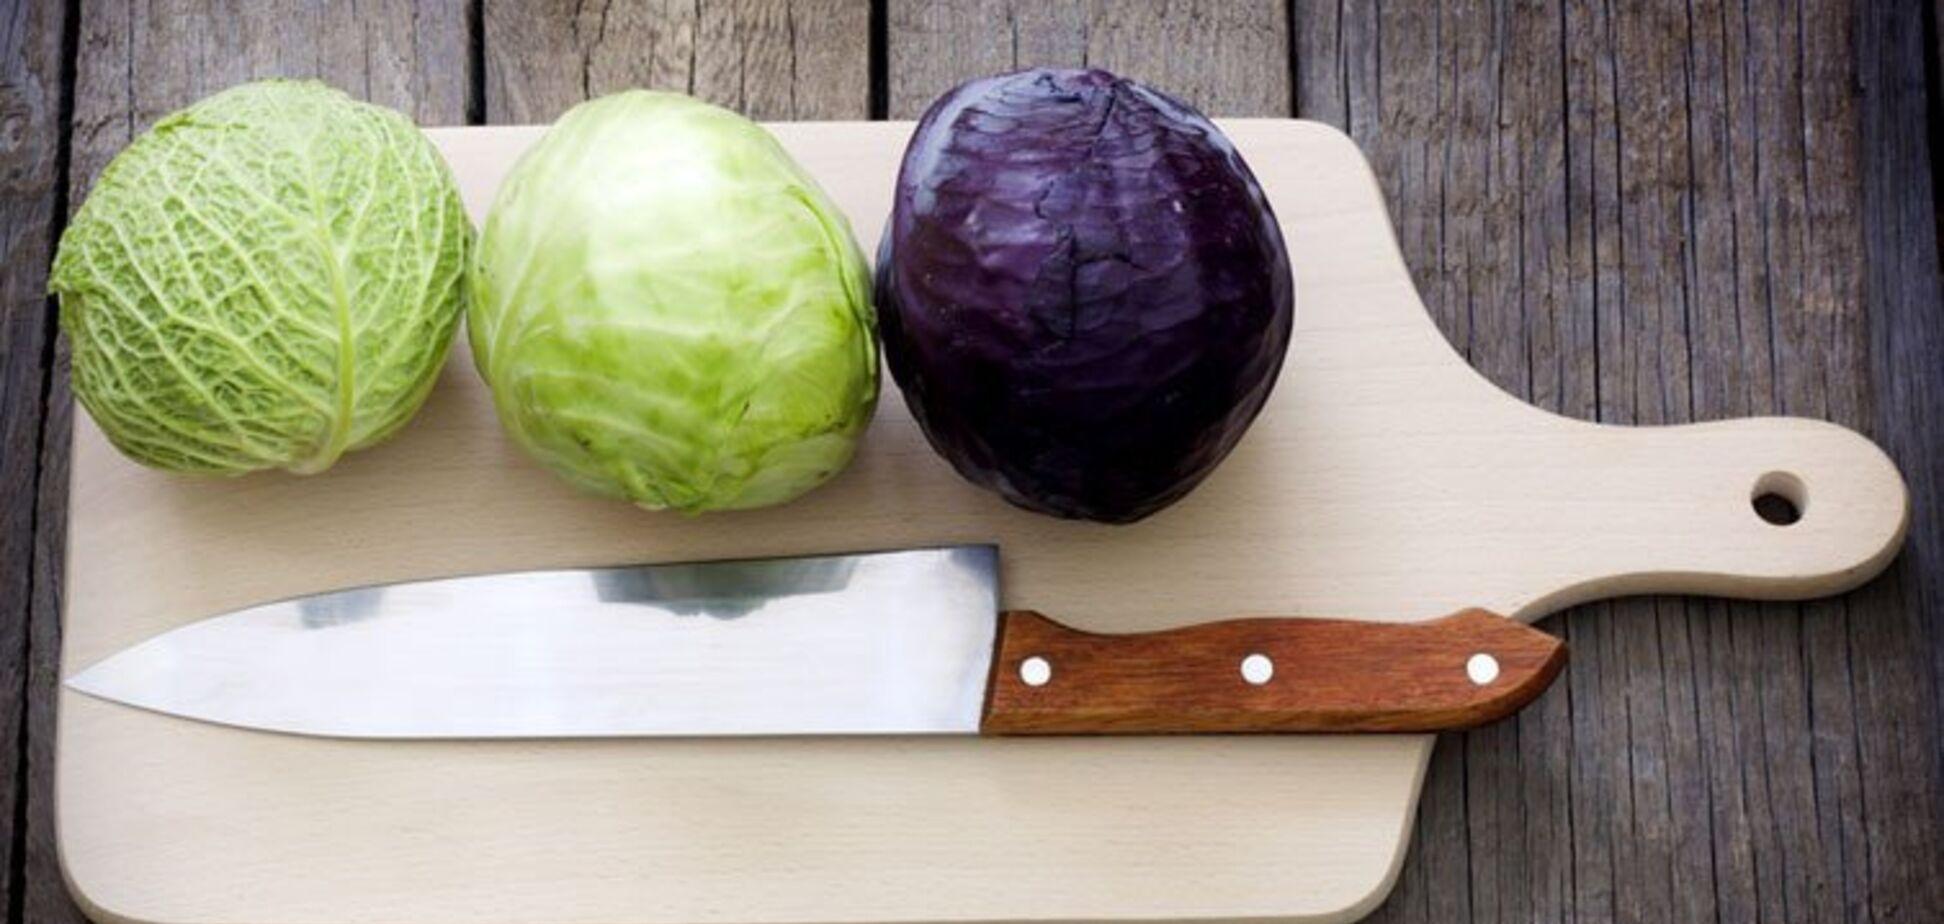 Їсти всім! Названо топ-5 найкорисніших овочів